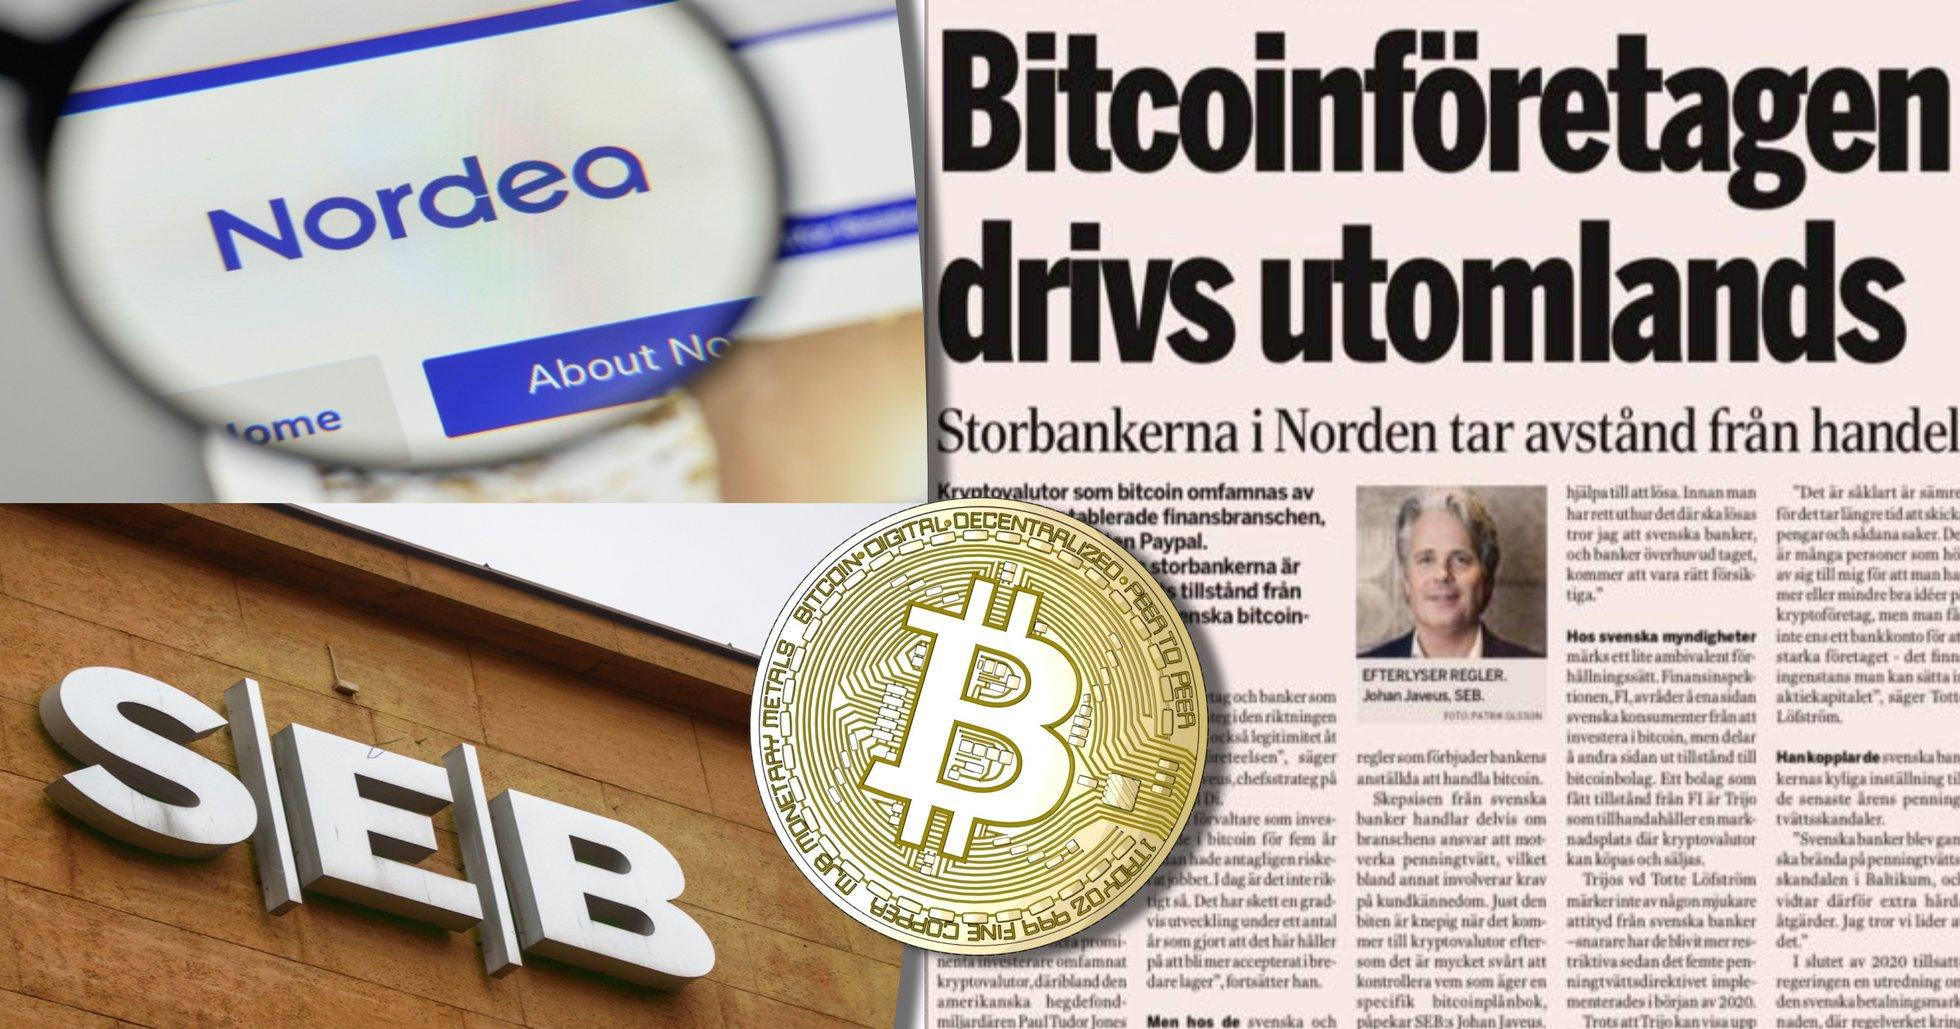 Stor affärstidning uppmärksammar svenska bankers negativa inställning till kryptovalutor